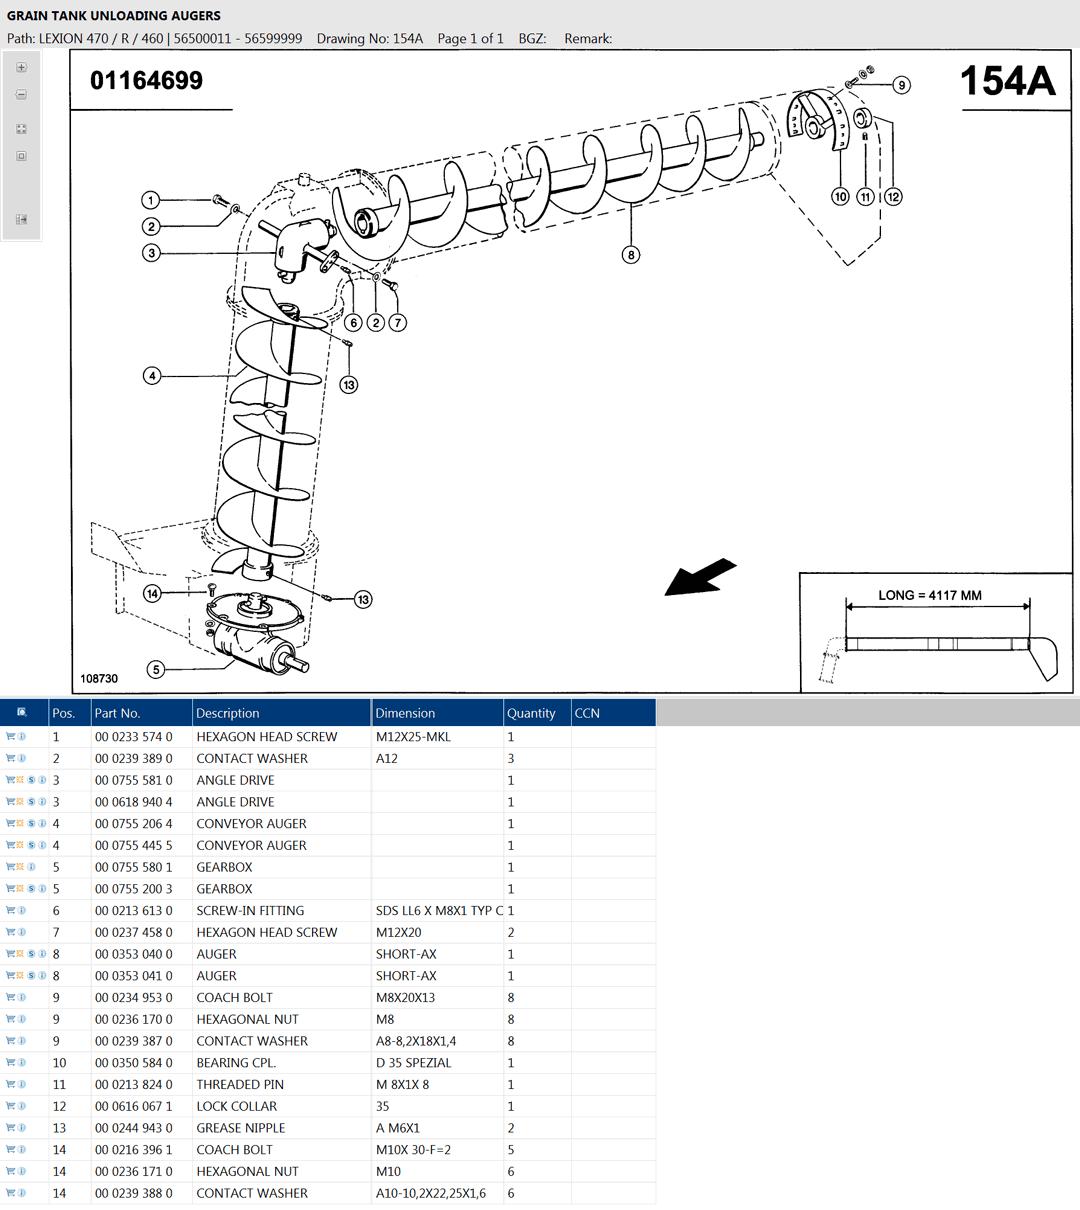 Lexion 470R parts and scheme - Grain tank unloading auger